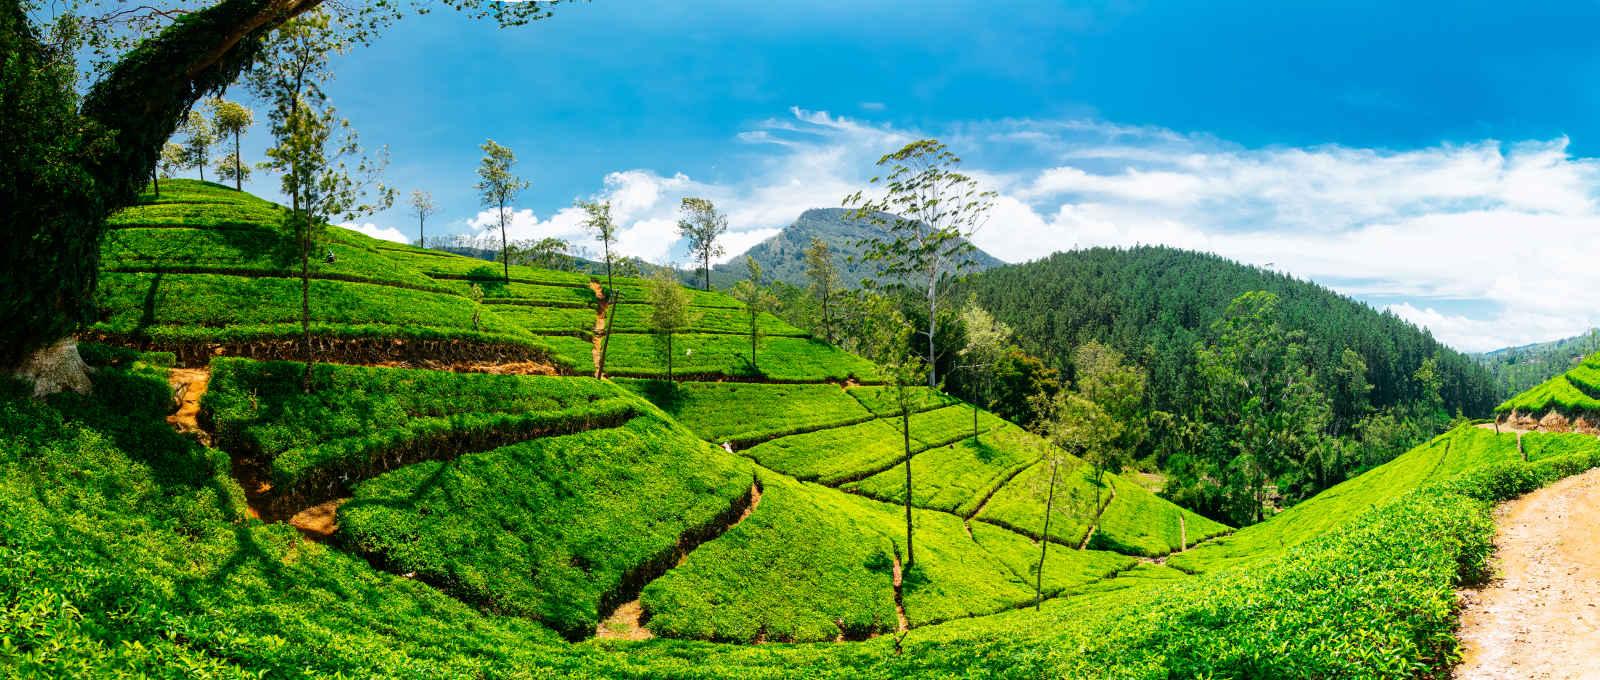 Sri Lanka : En pays cinghalais